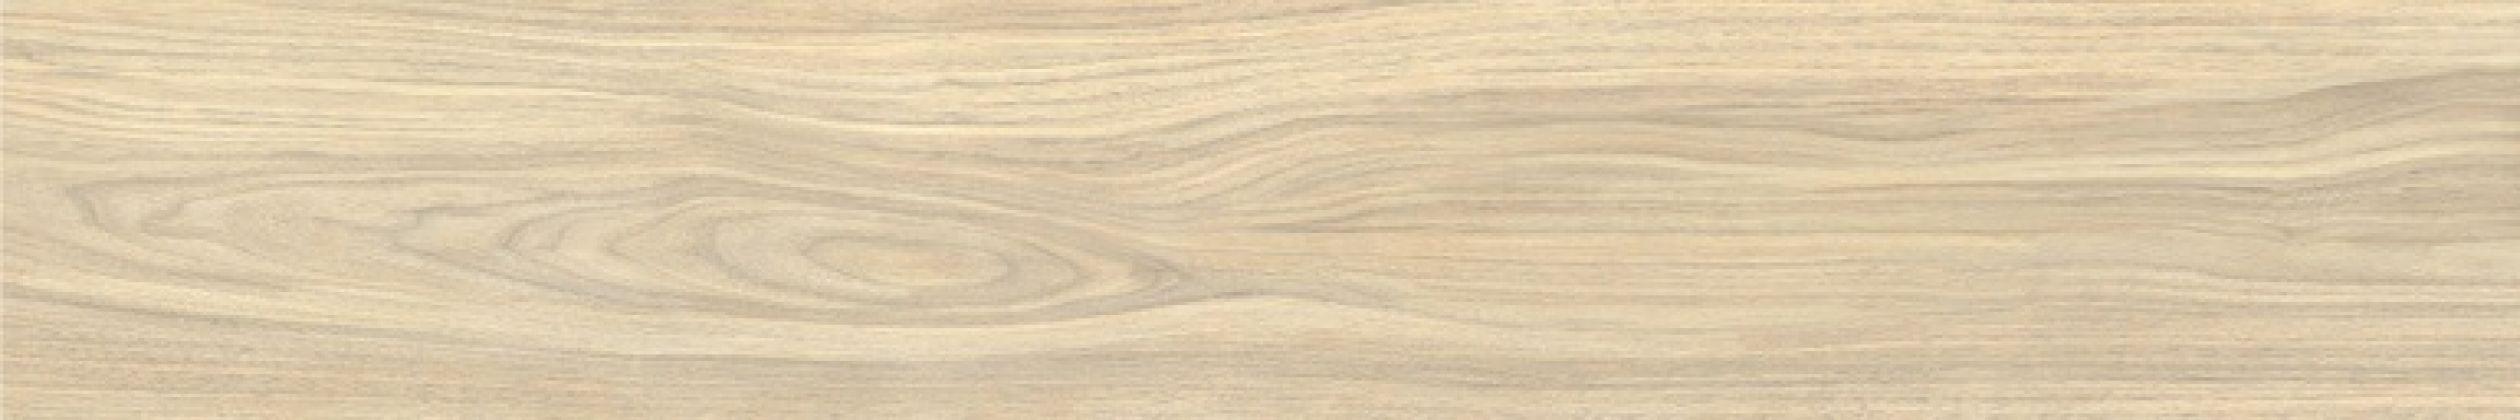 Wood-X Орех Кремовый Матовый R10A 7Рек 20x120